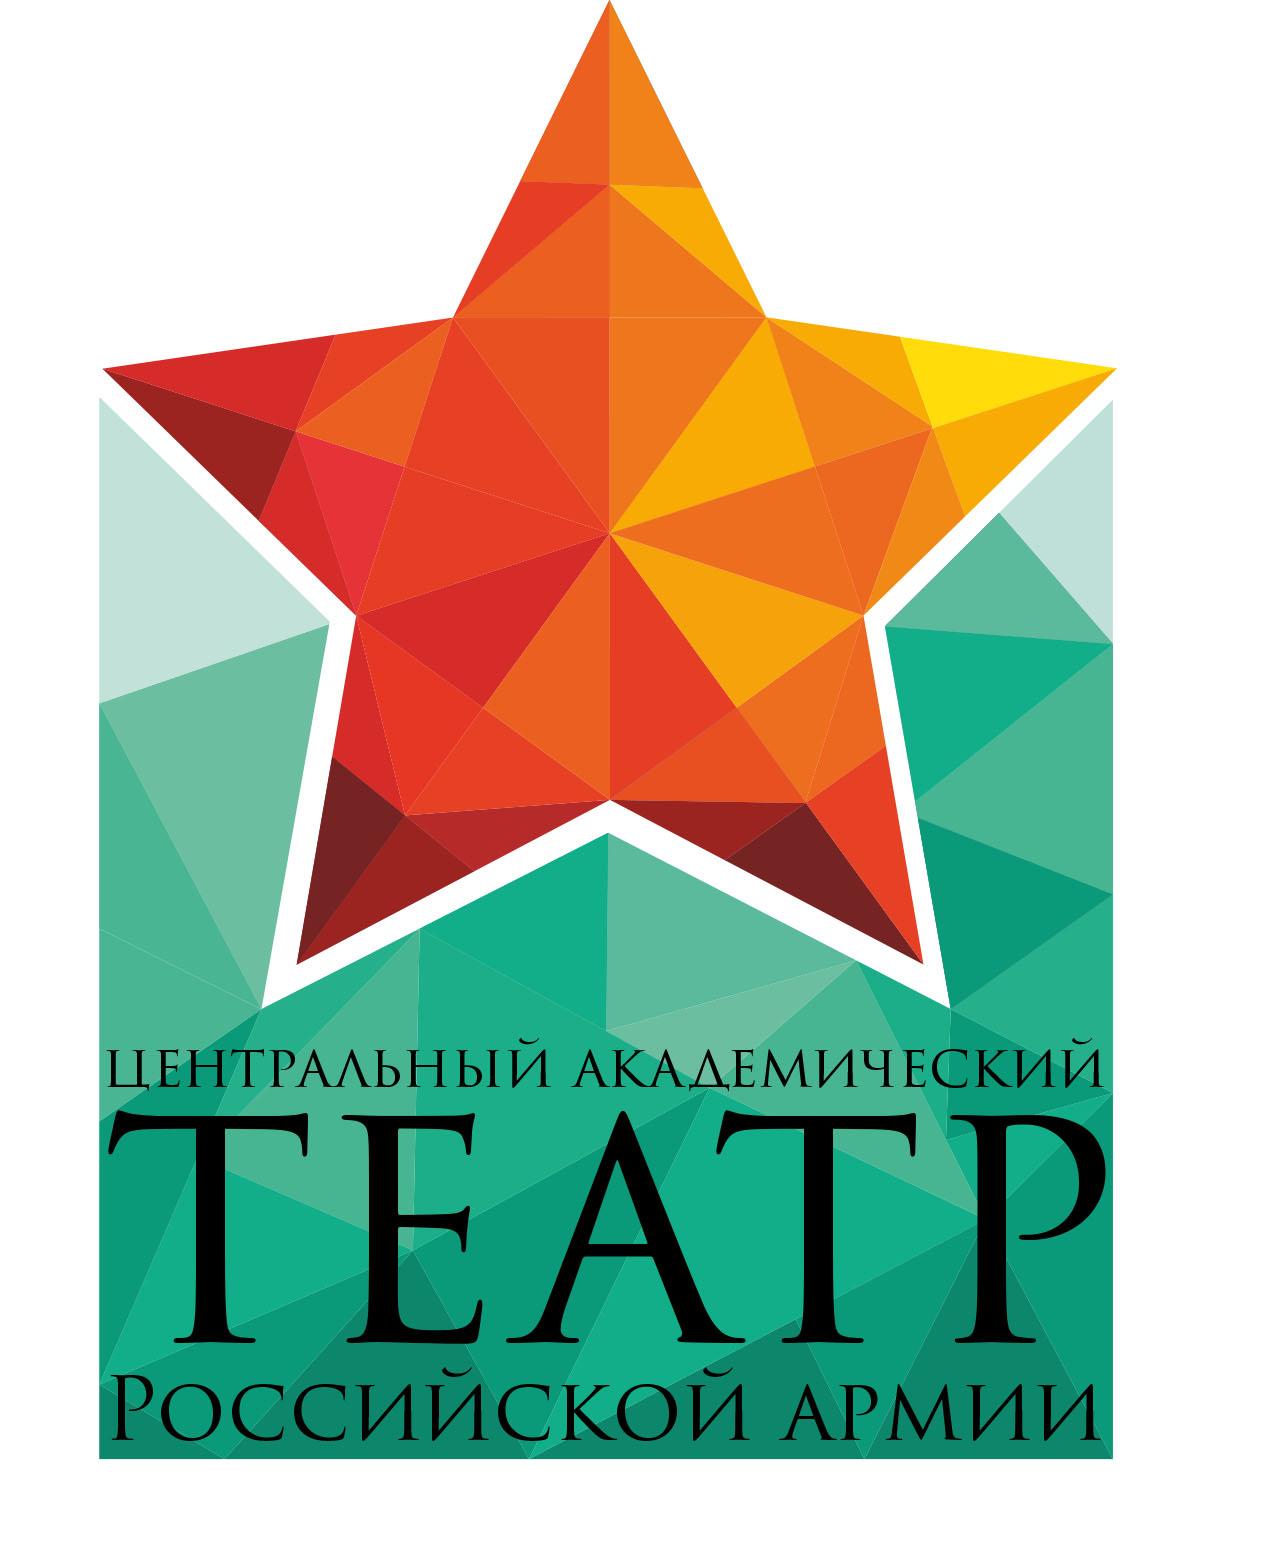 Разработка логотипа для Театра Российской Армии фото f_89258861dc0c78bb.jpg